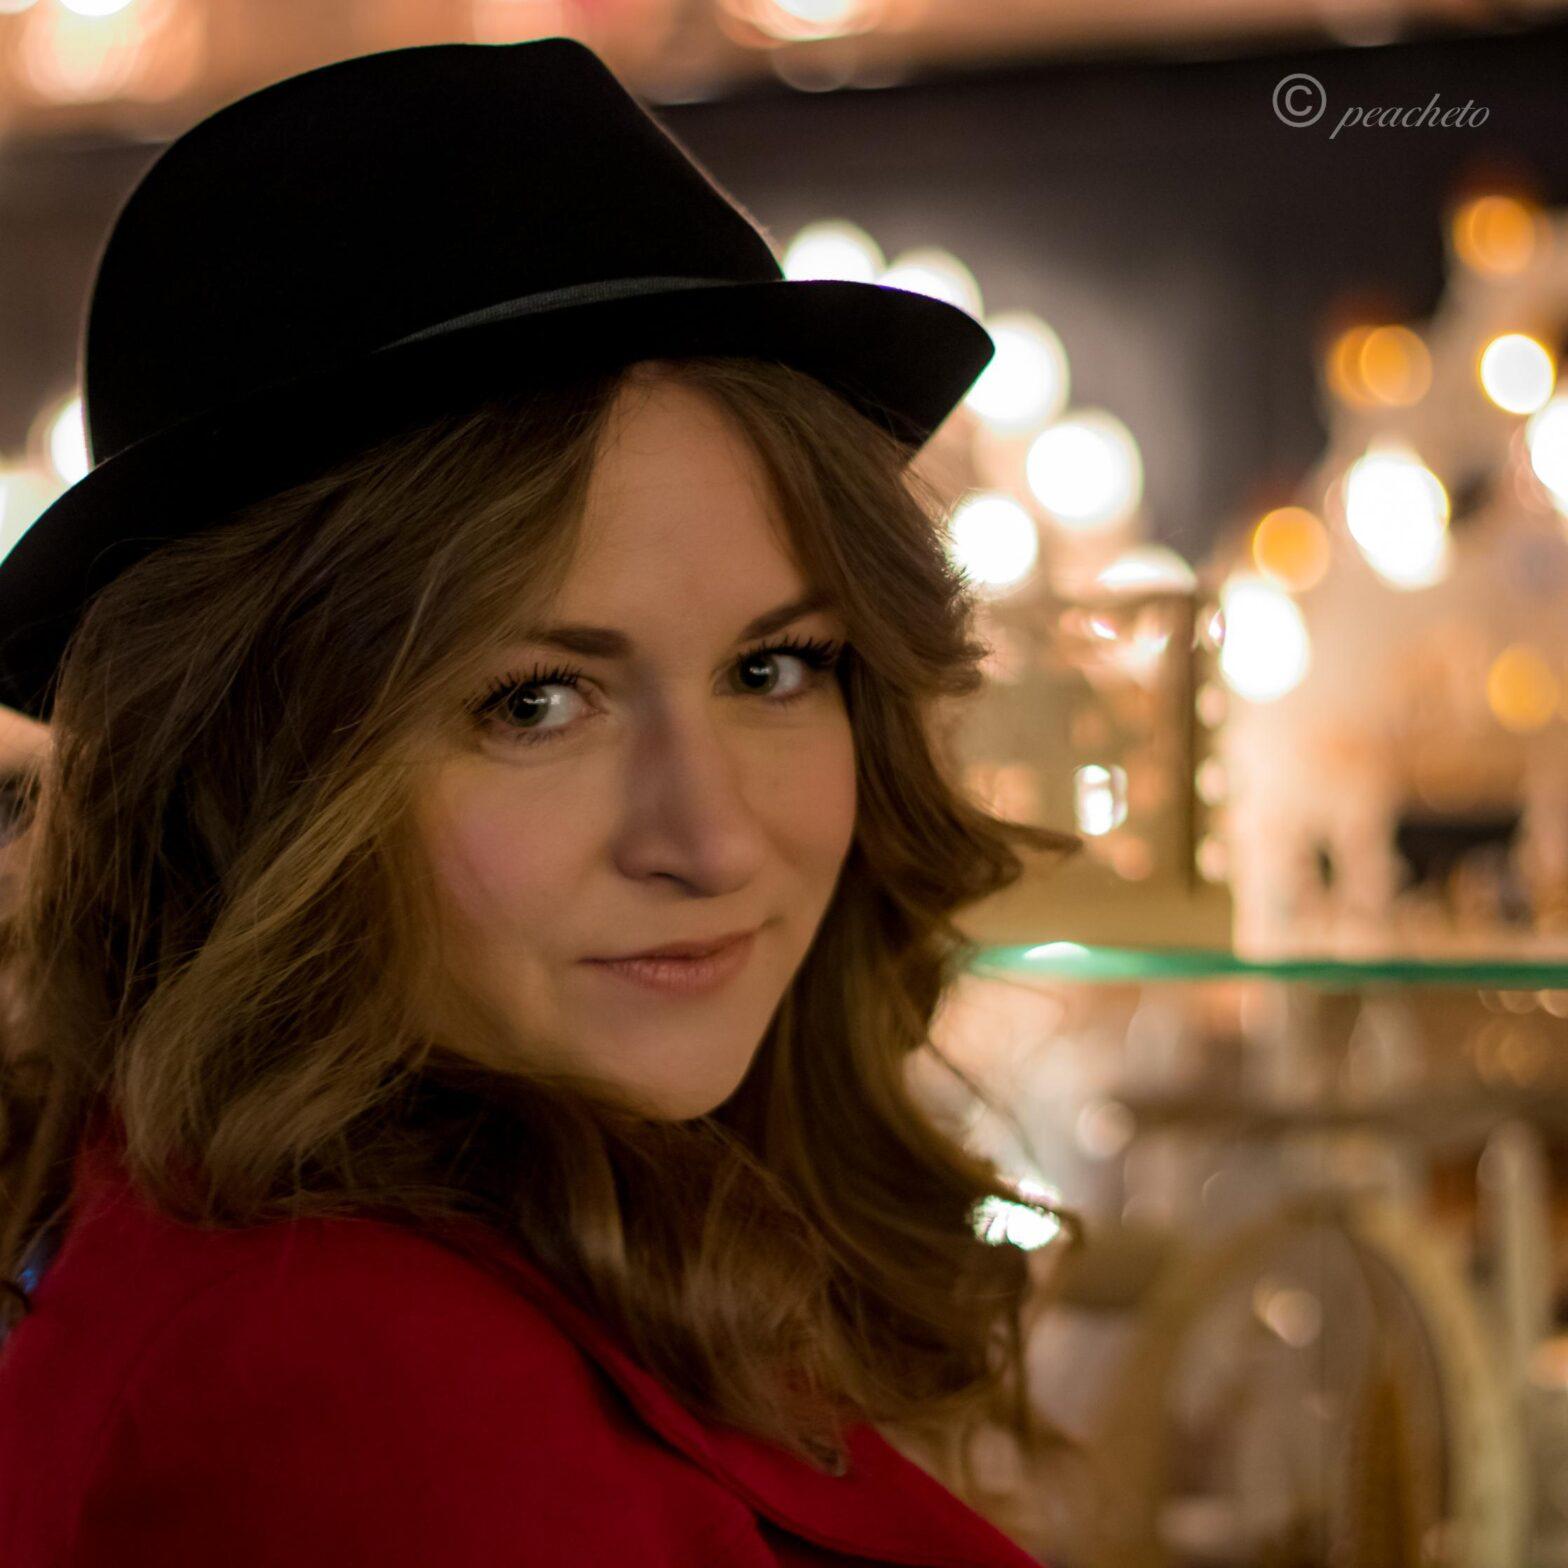 Anika Weihnachtsmartk Meißen portrait blitz outdoor